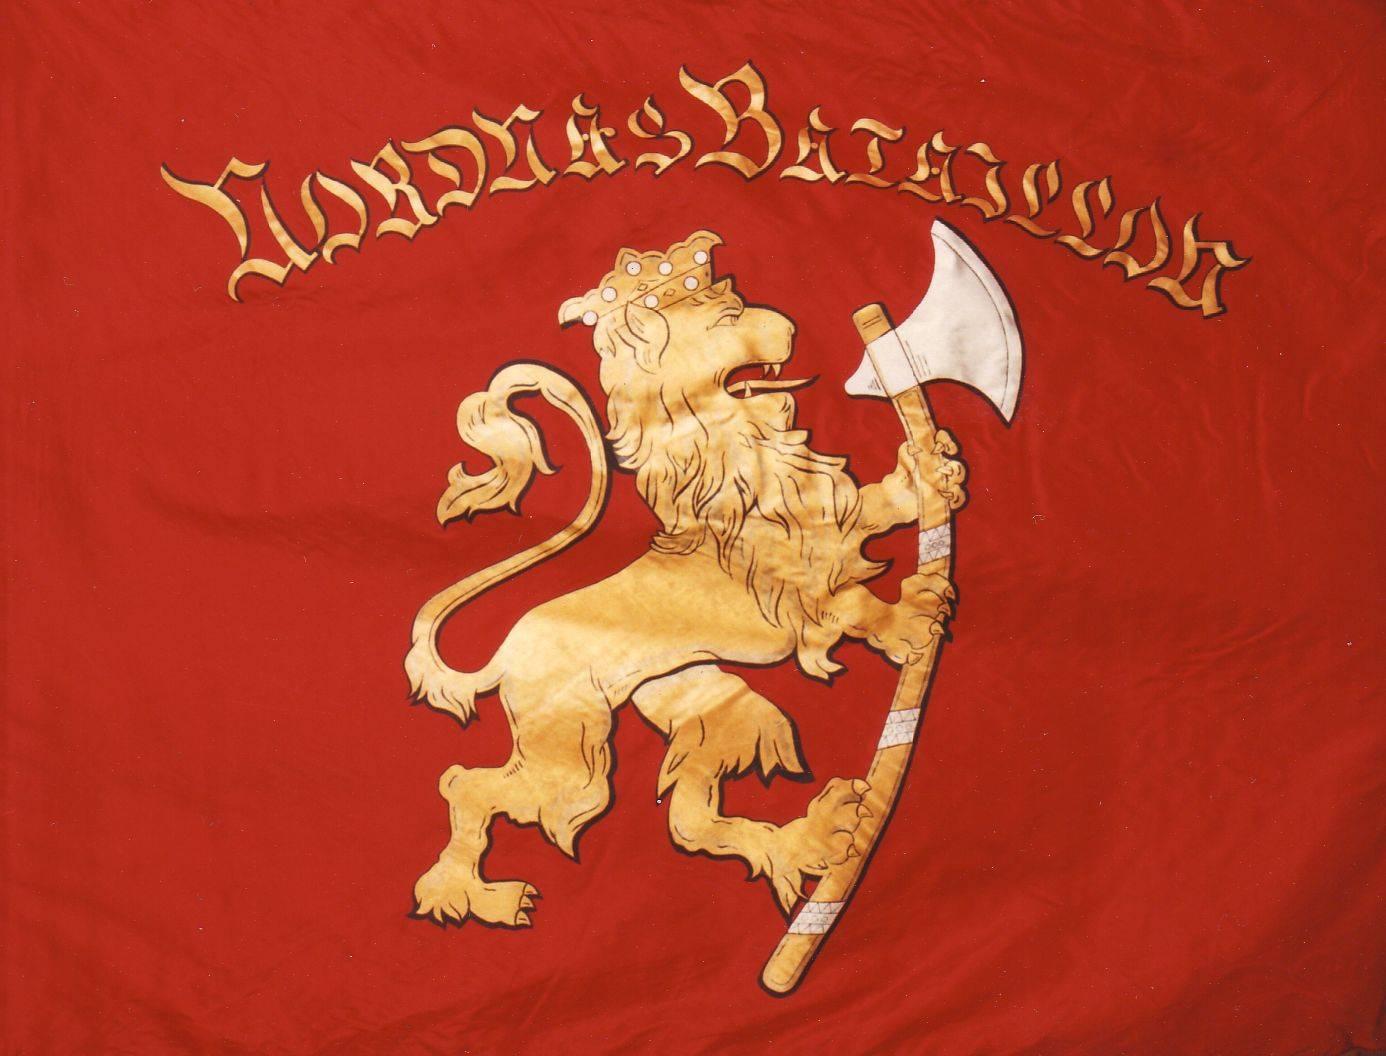 Nordnæs Bataillon